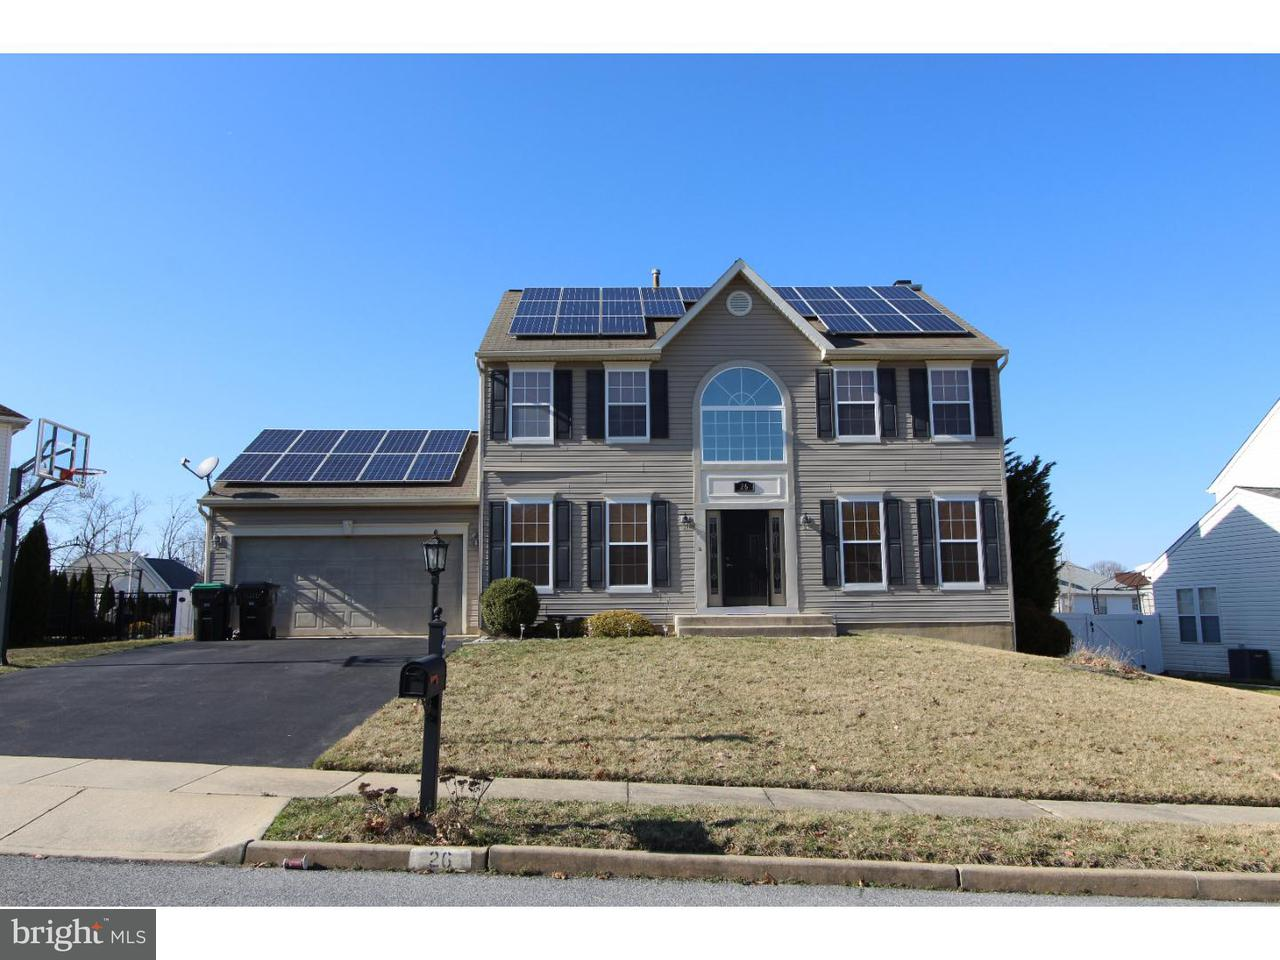 Частный односемейный дом для того Аренда на 26 ELSWORTH Drive Sicklerville, Нью-Джерси 08081 Соединенные Штаты